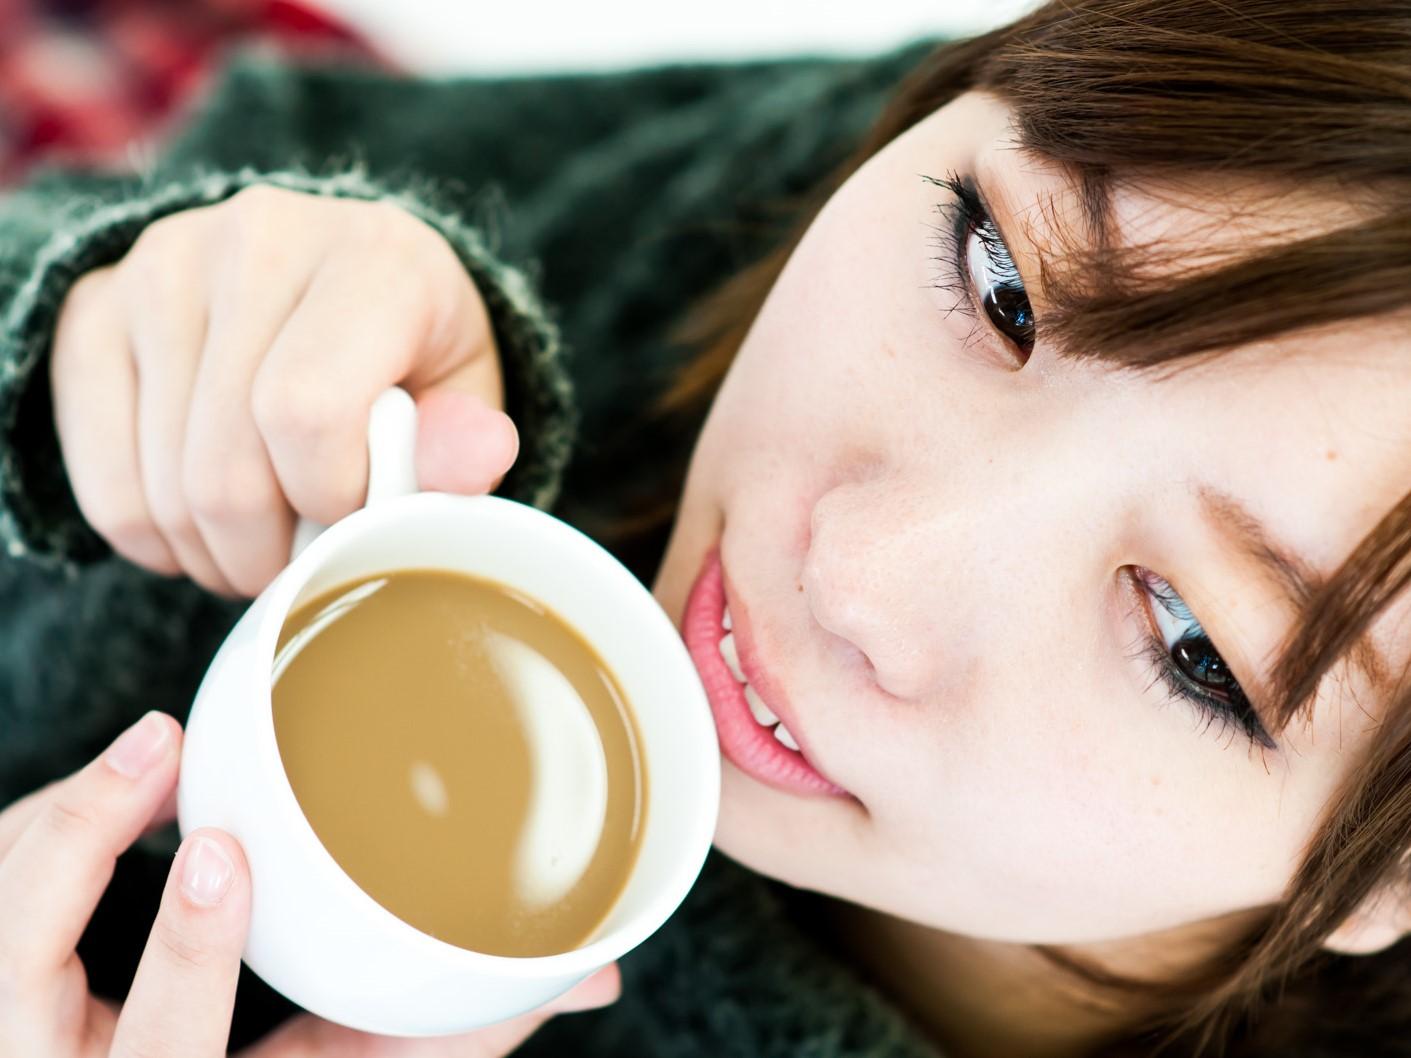 【飲食サービス】定額制カフェ